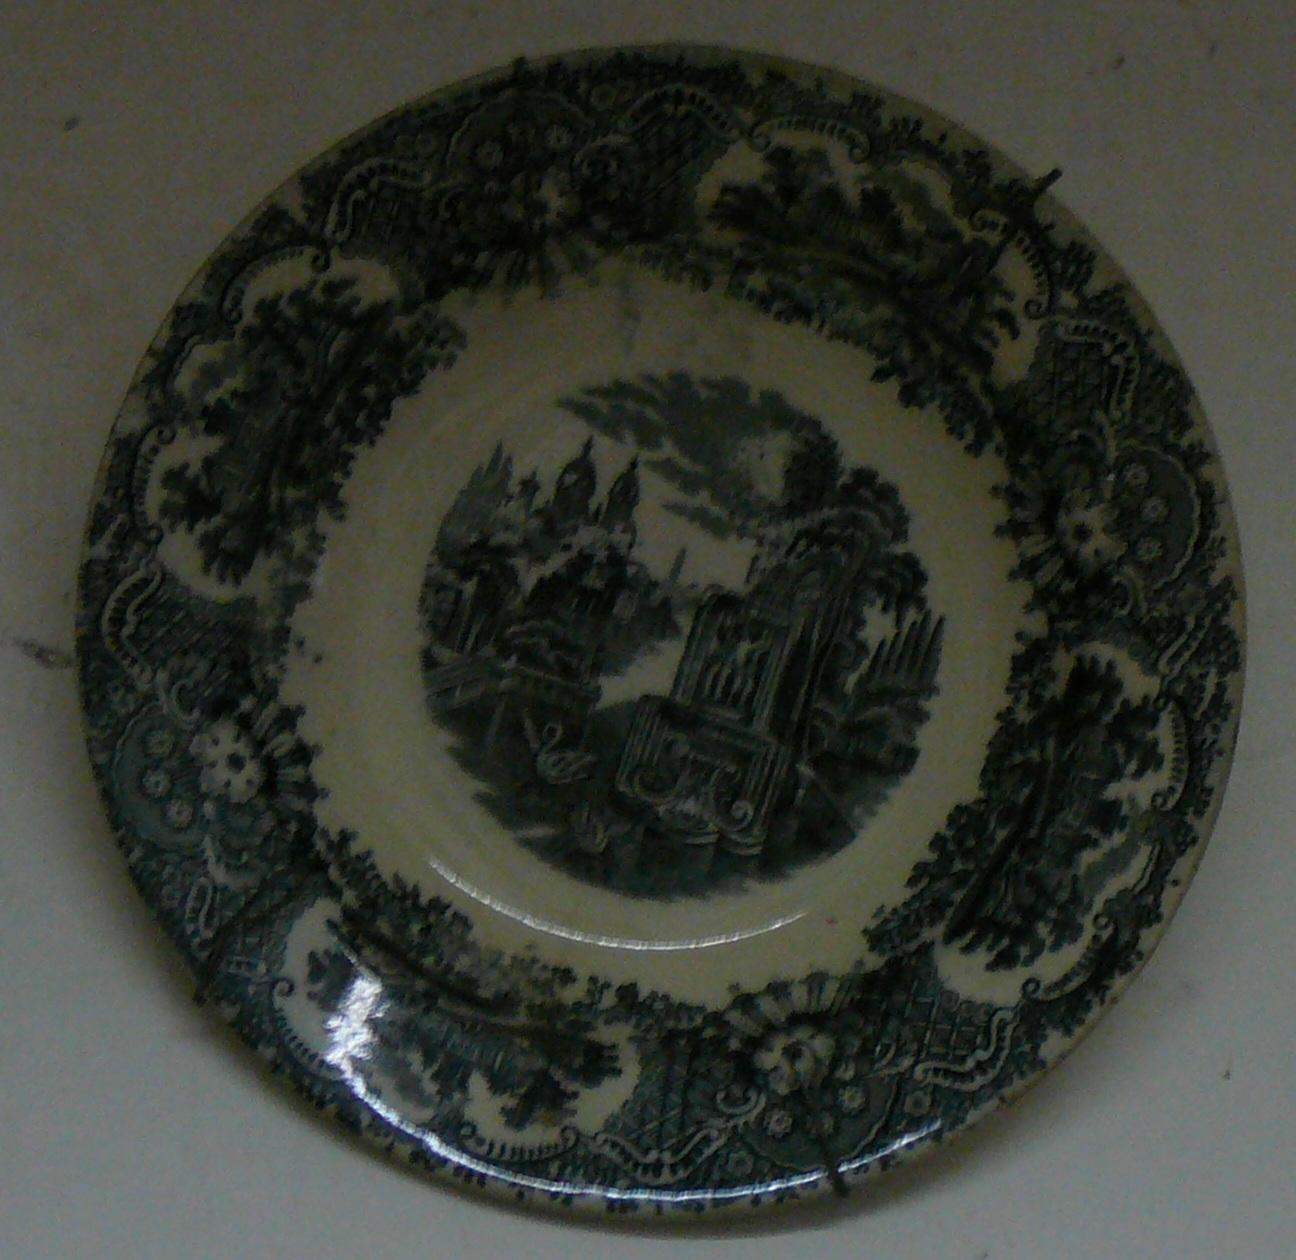 Antig edades urbanas pickman la cartuja de sevilla ii - Ceramica de la cartuja ...